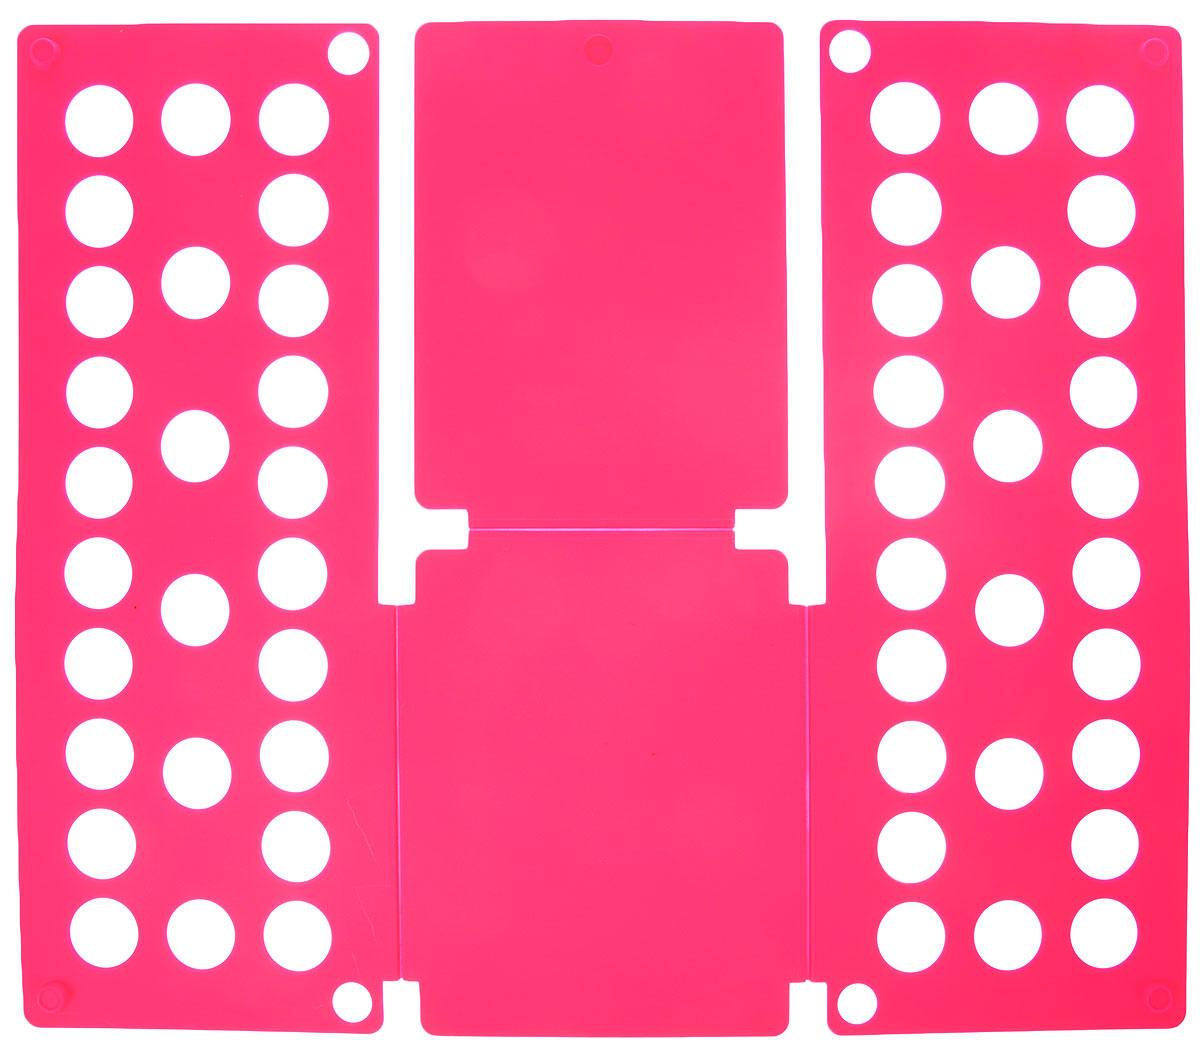 Приспособление для складывания одежды Sima-land, цвет: розовый1411846_розовыйПриспособление для складывания одежды Sima-land поможет навести порядок в вашем шкафу. С ним вы сможете быстро и аккуратно сложить вещи. Приспособление подходит для складывания полотенец, рубашек поло, вещей с короткими и длинными рукавами, футболок, штанов. Не подойдет для больших размеров одежды. Приспособление выполнено из качественного прочного пластика. Изделие компактно складывается и не занимает много места при хранении. Размер в сложенном виде: 40 х 16 см. Размер в разложенном виде: 48 х 40 см.